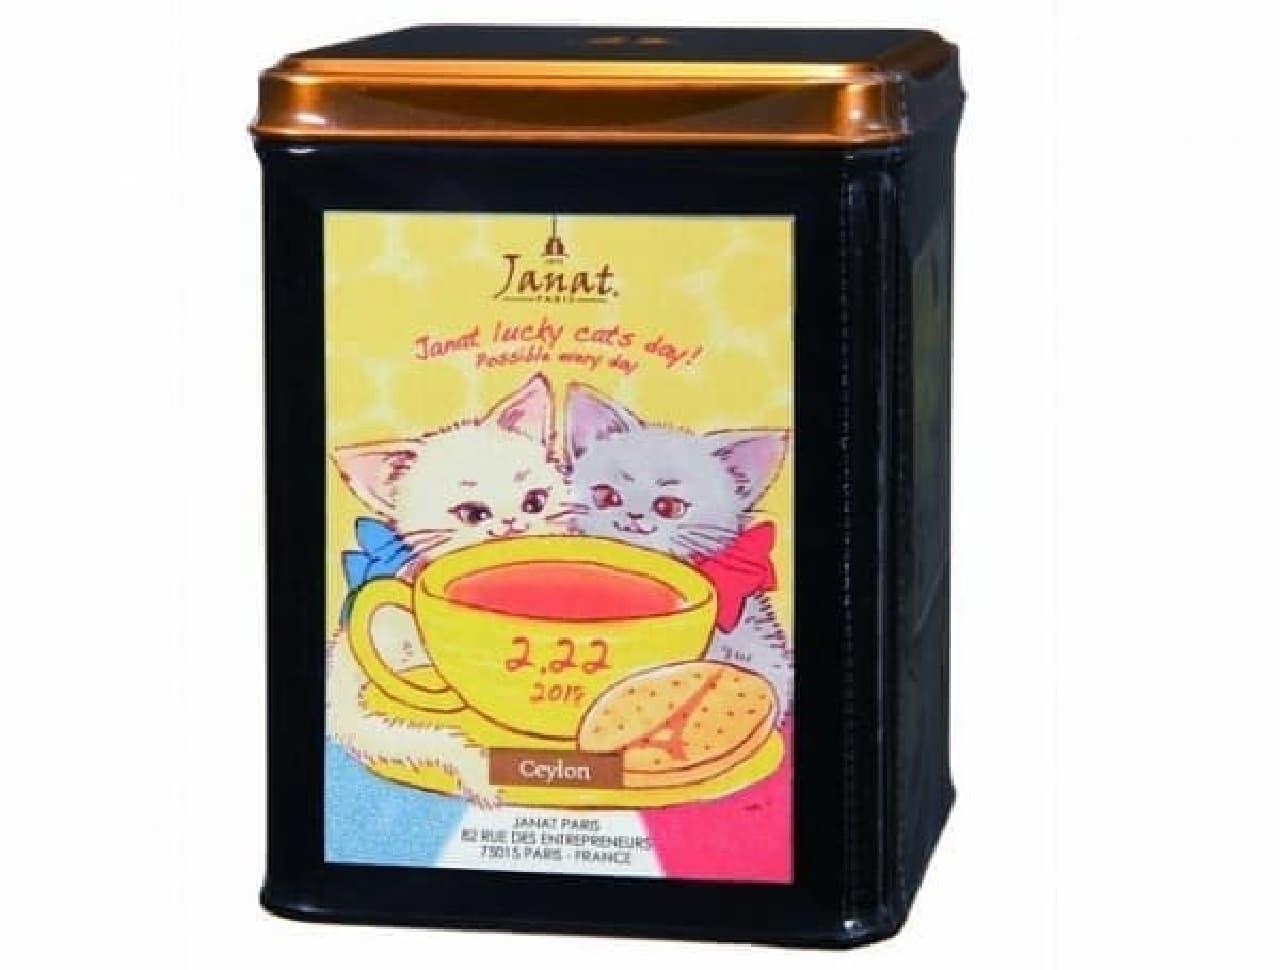 カルディコーヒーファーム「ネコの日バッグジャンナッツ ラッキーキャッツデーセイロン」